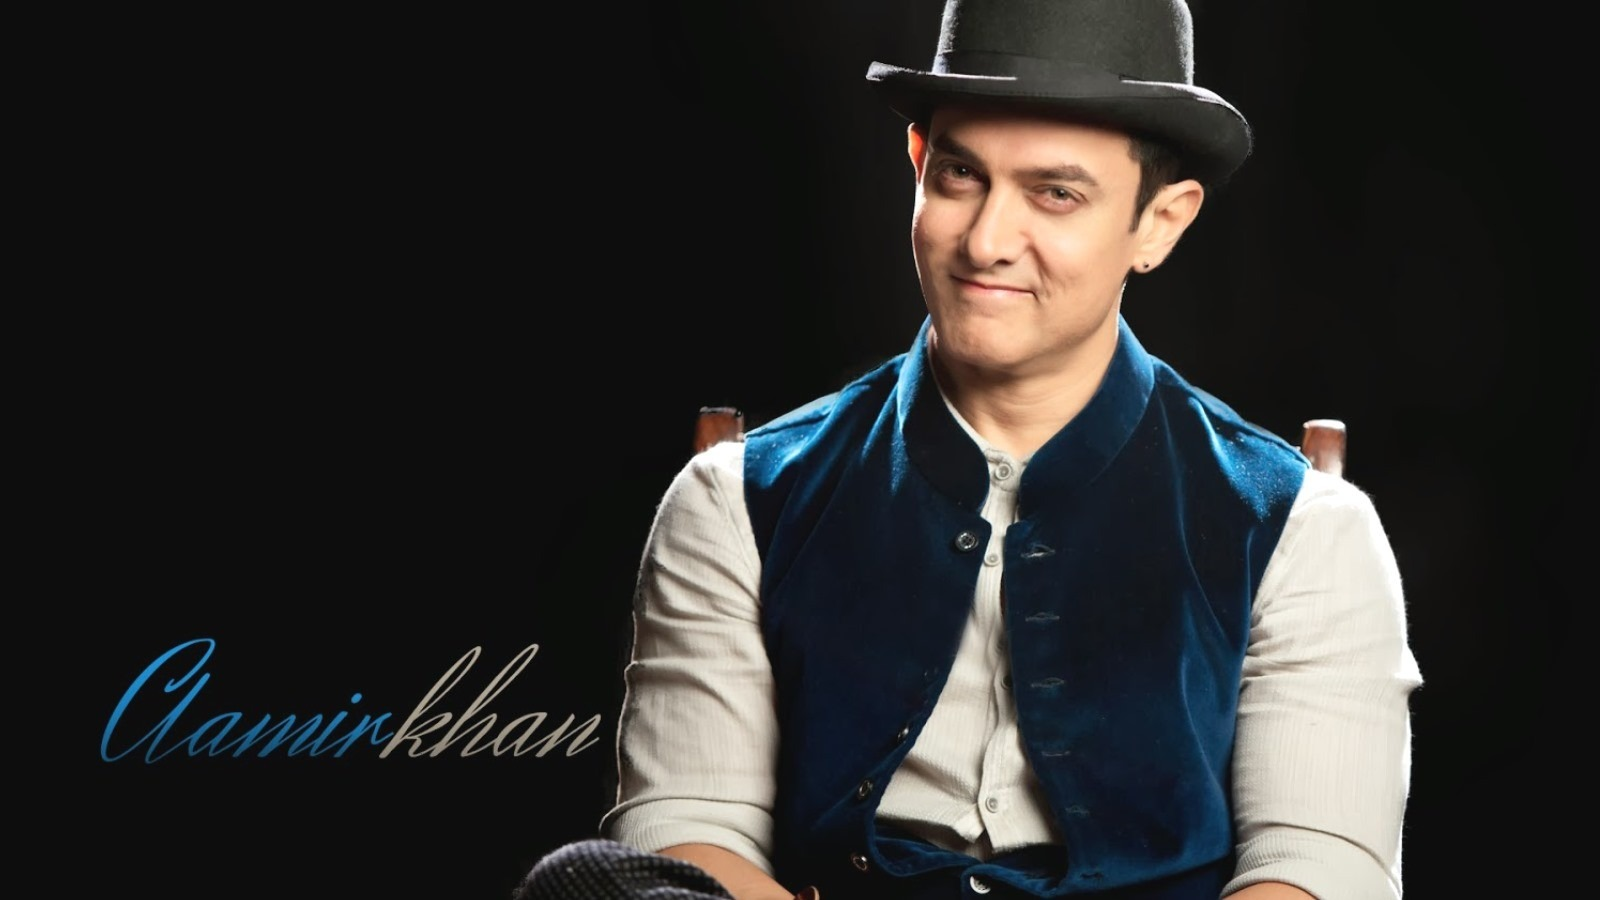 http://www.mrbloggers.com/wp-content/uploads/2017/08/Aamir-Khan-HD-Wallpapers.jpg